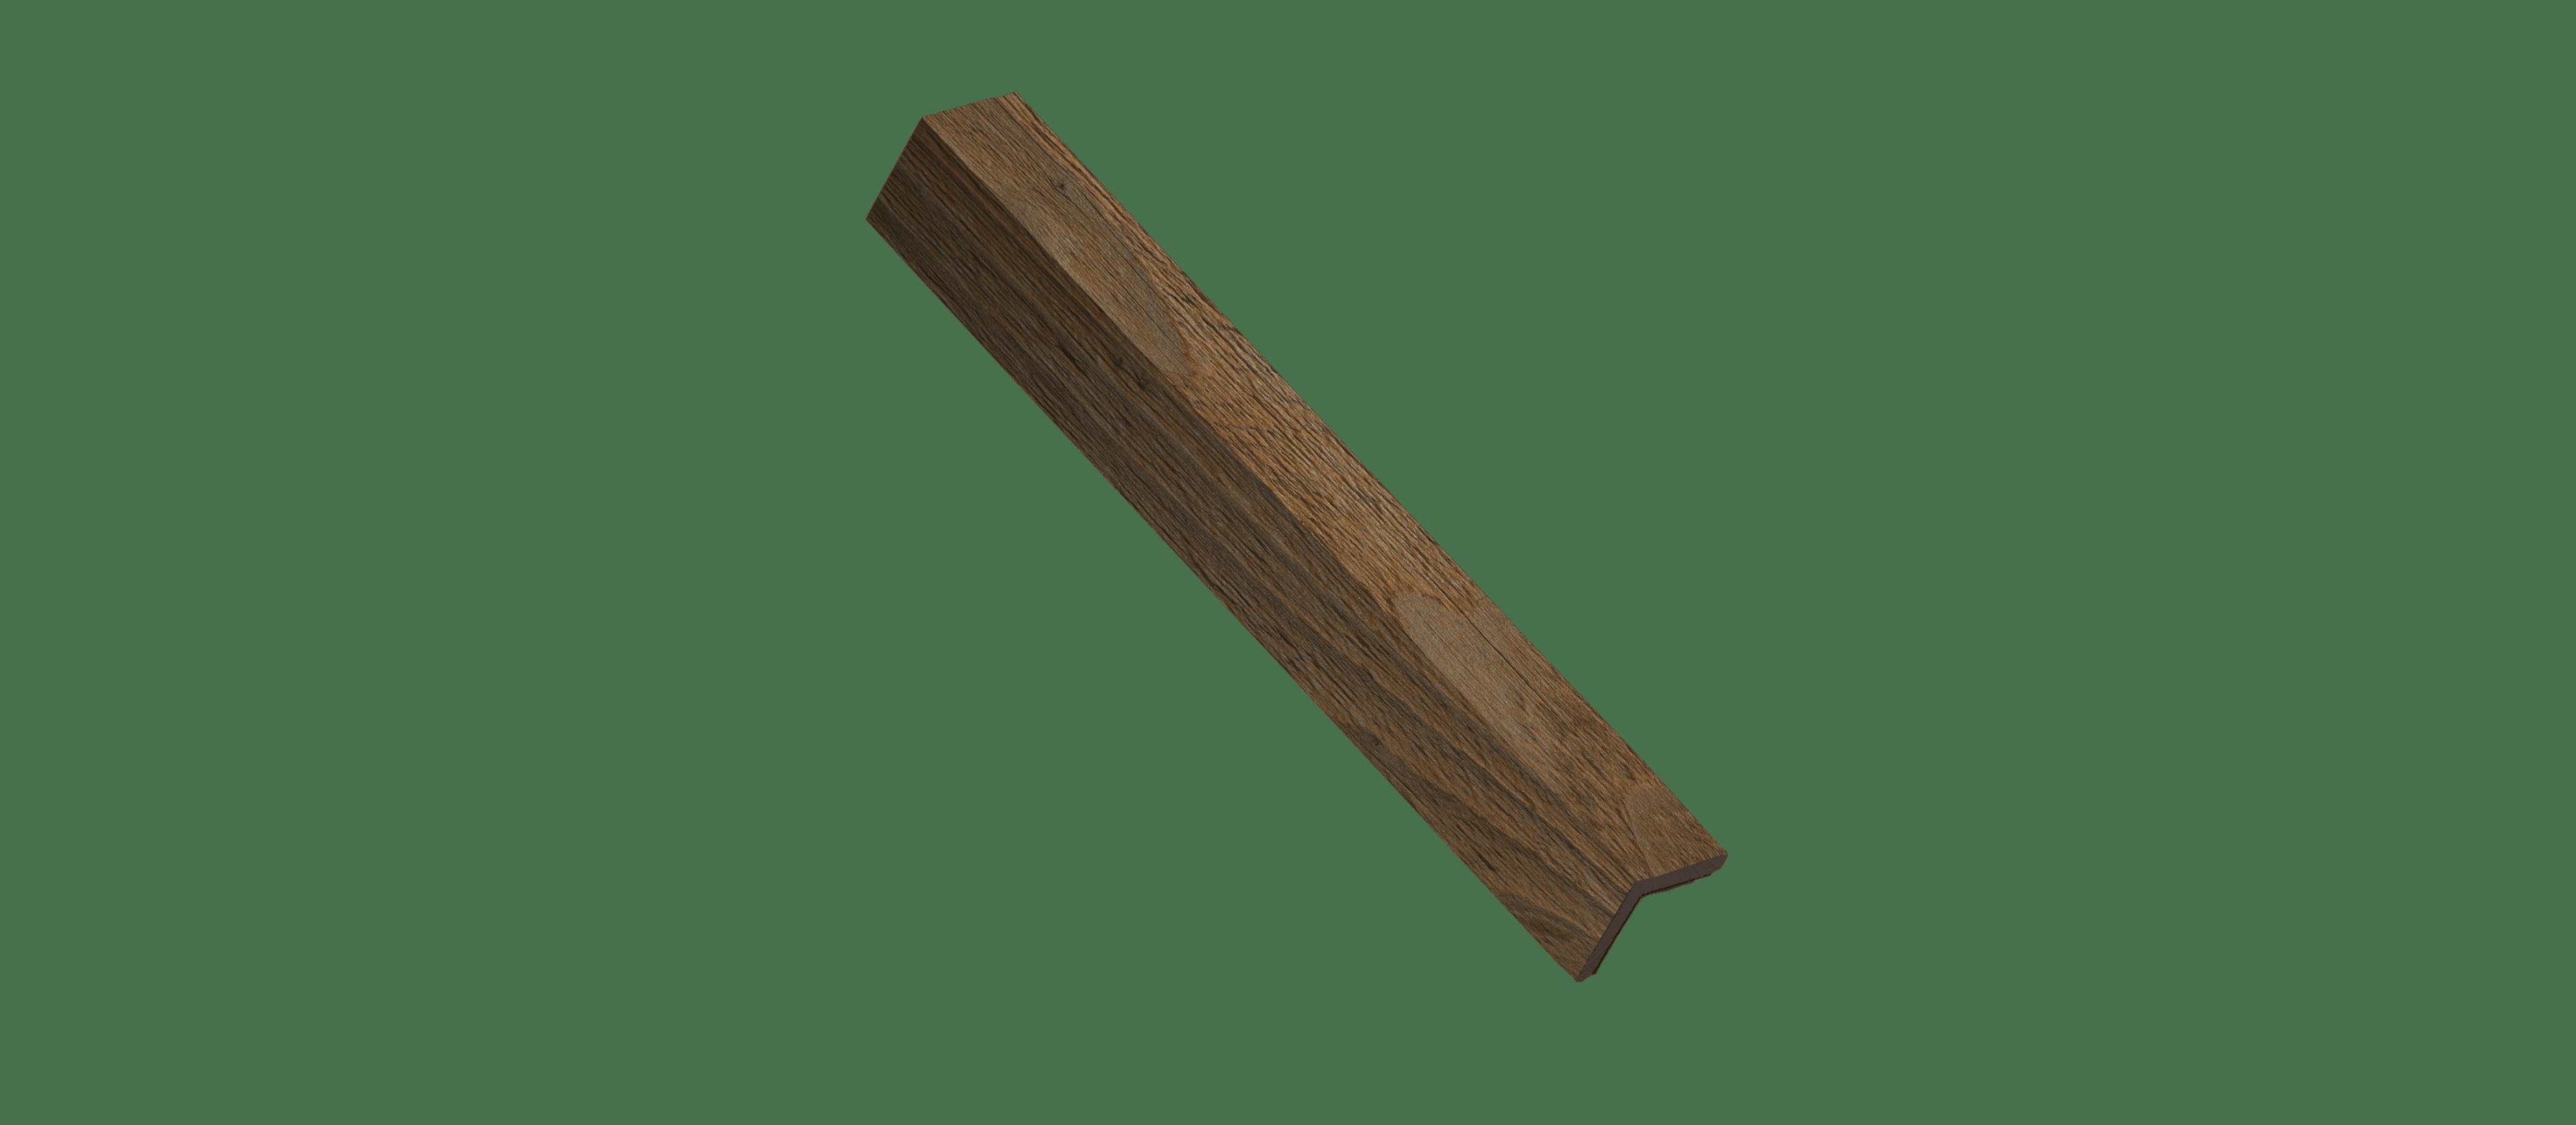 Reclaimed Sierra Silver Wood Corner Trim Sample